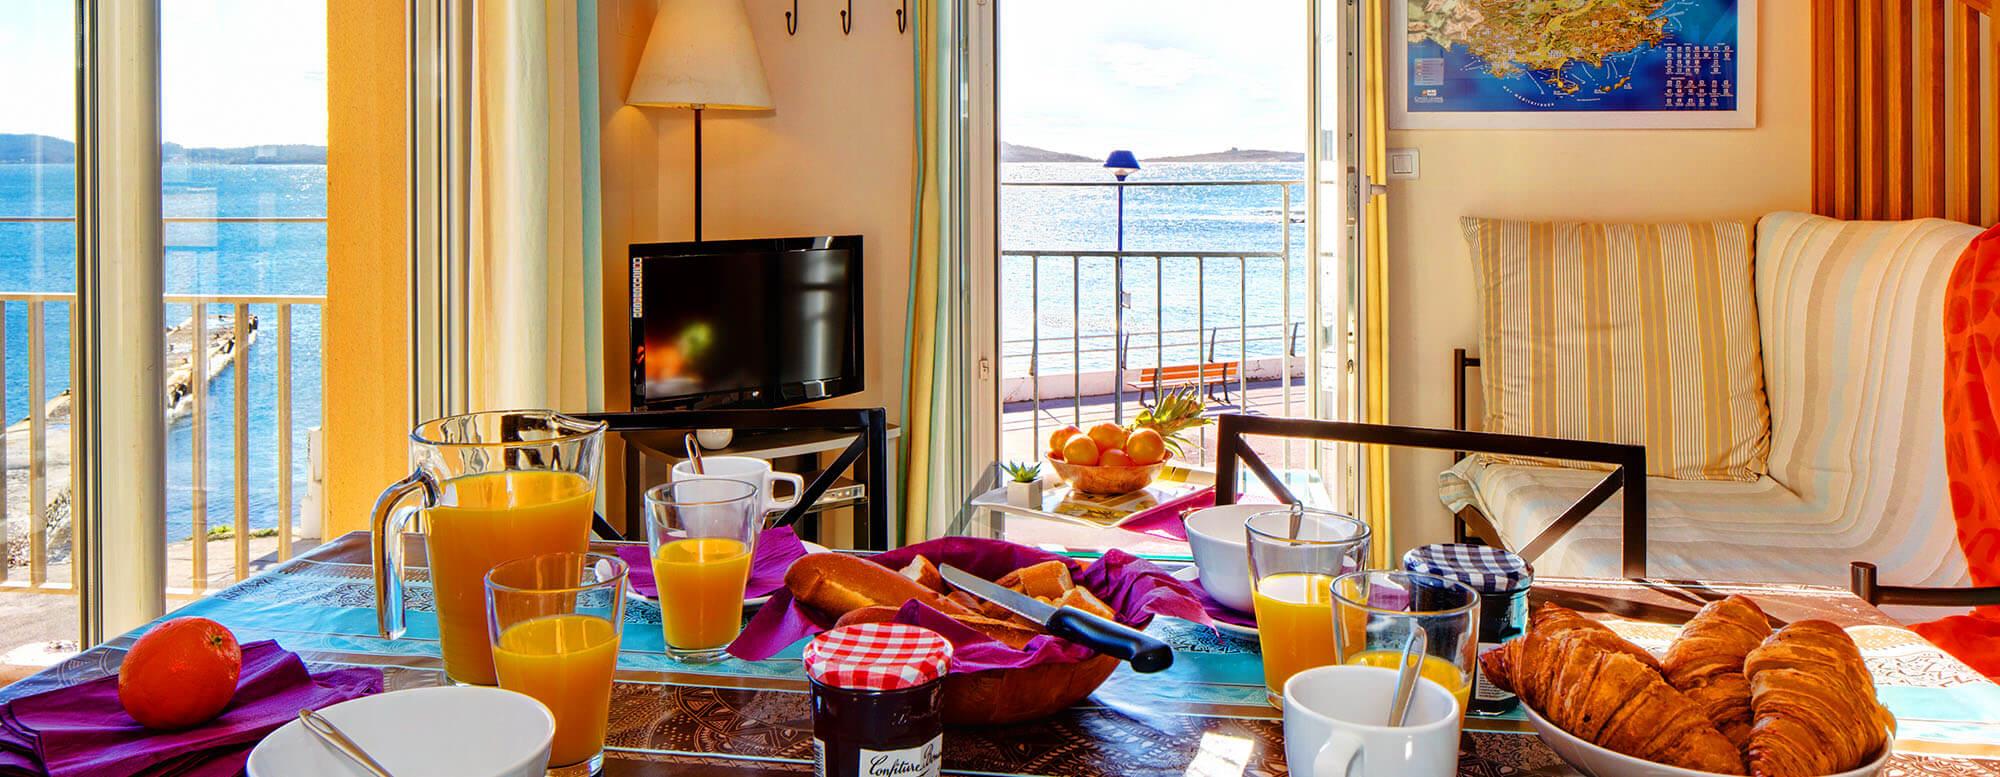 Découvrez notre résidence de vacances La Gabinière sur la presqu'île de Giens, location d'appartement calmes en bord de mer, en face de Porquerolles.